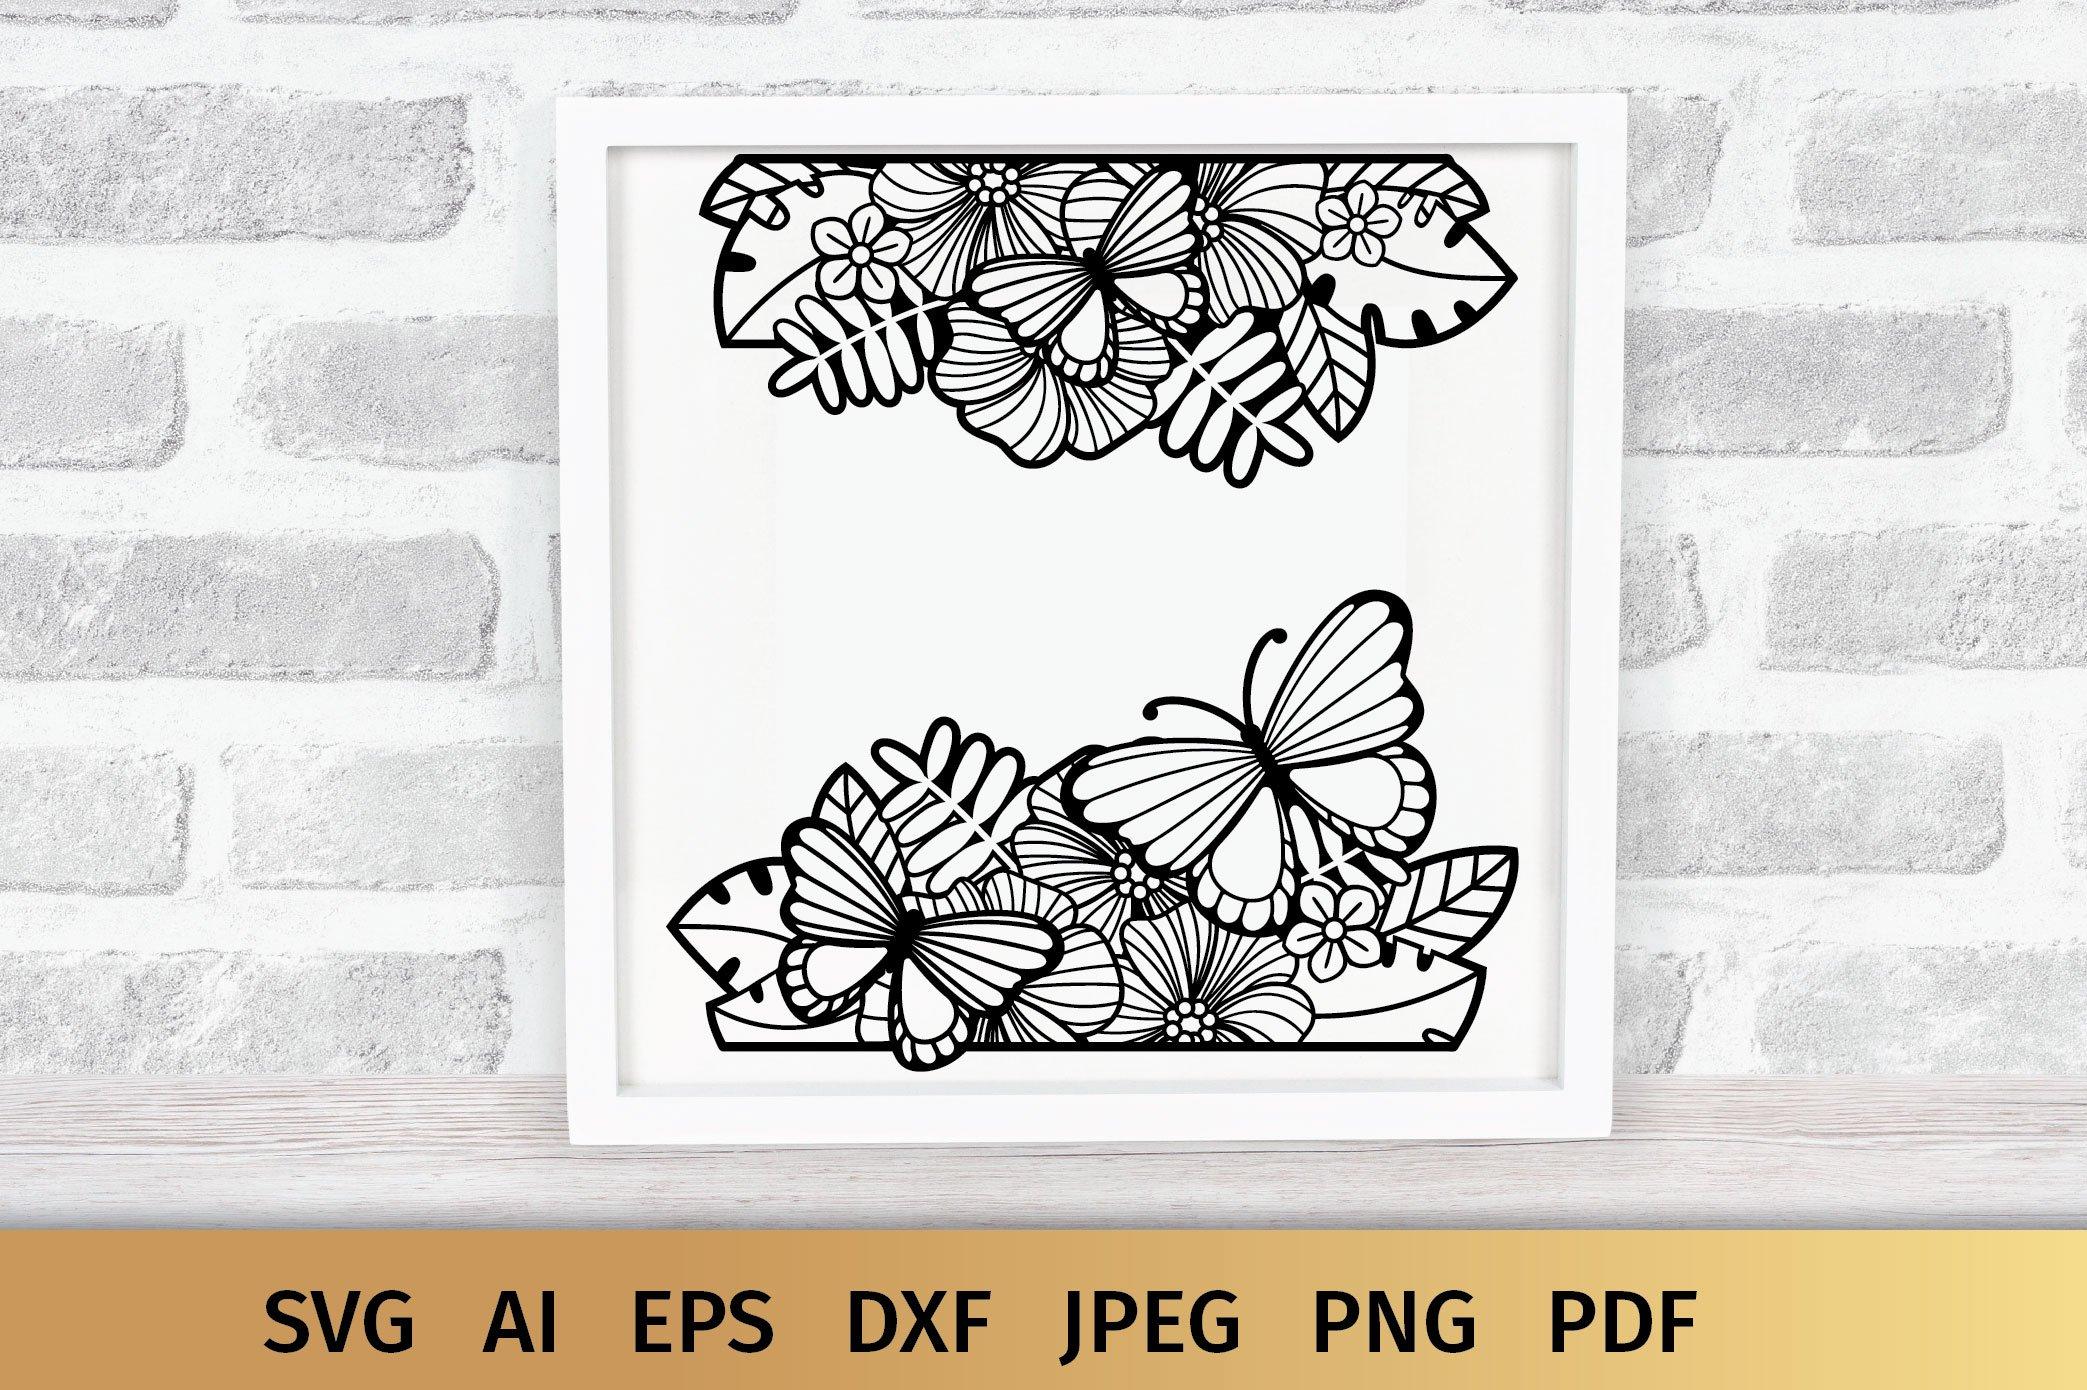 Split Monogram SVG | Floral SVG | Butterfly SVG | Summer SVG example image 7